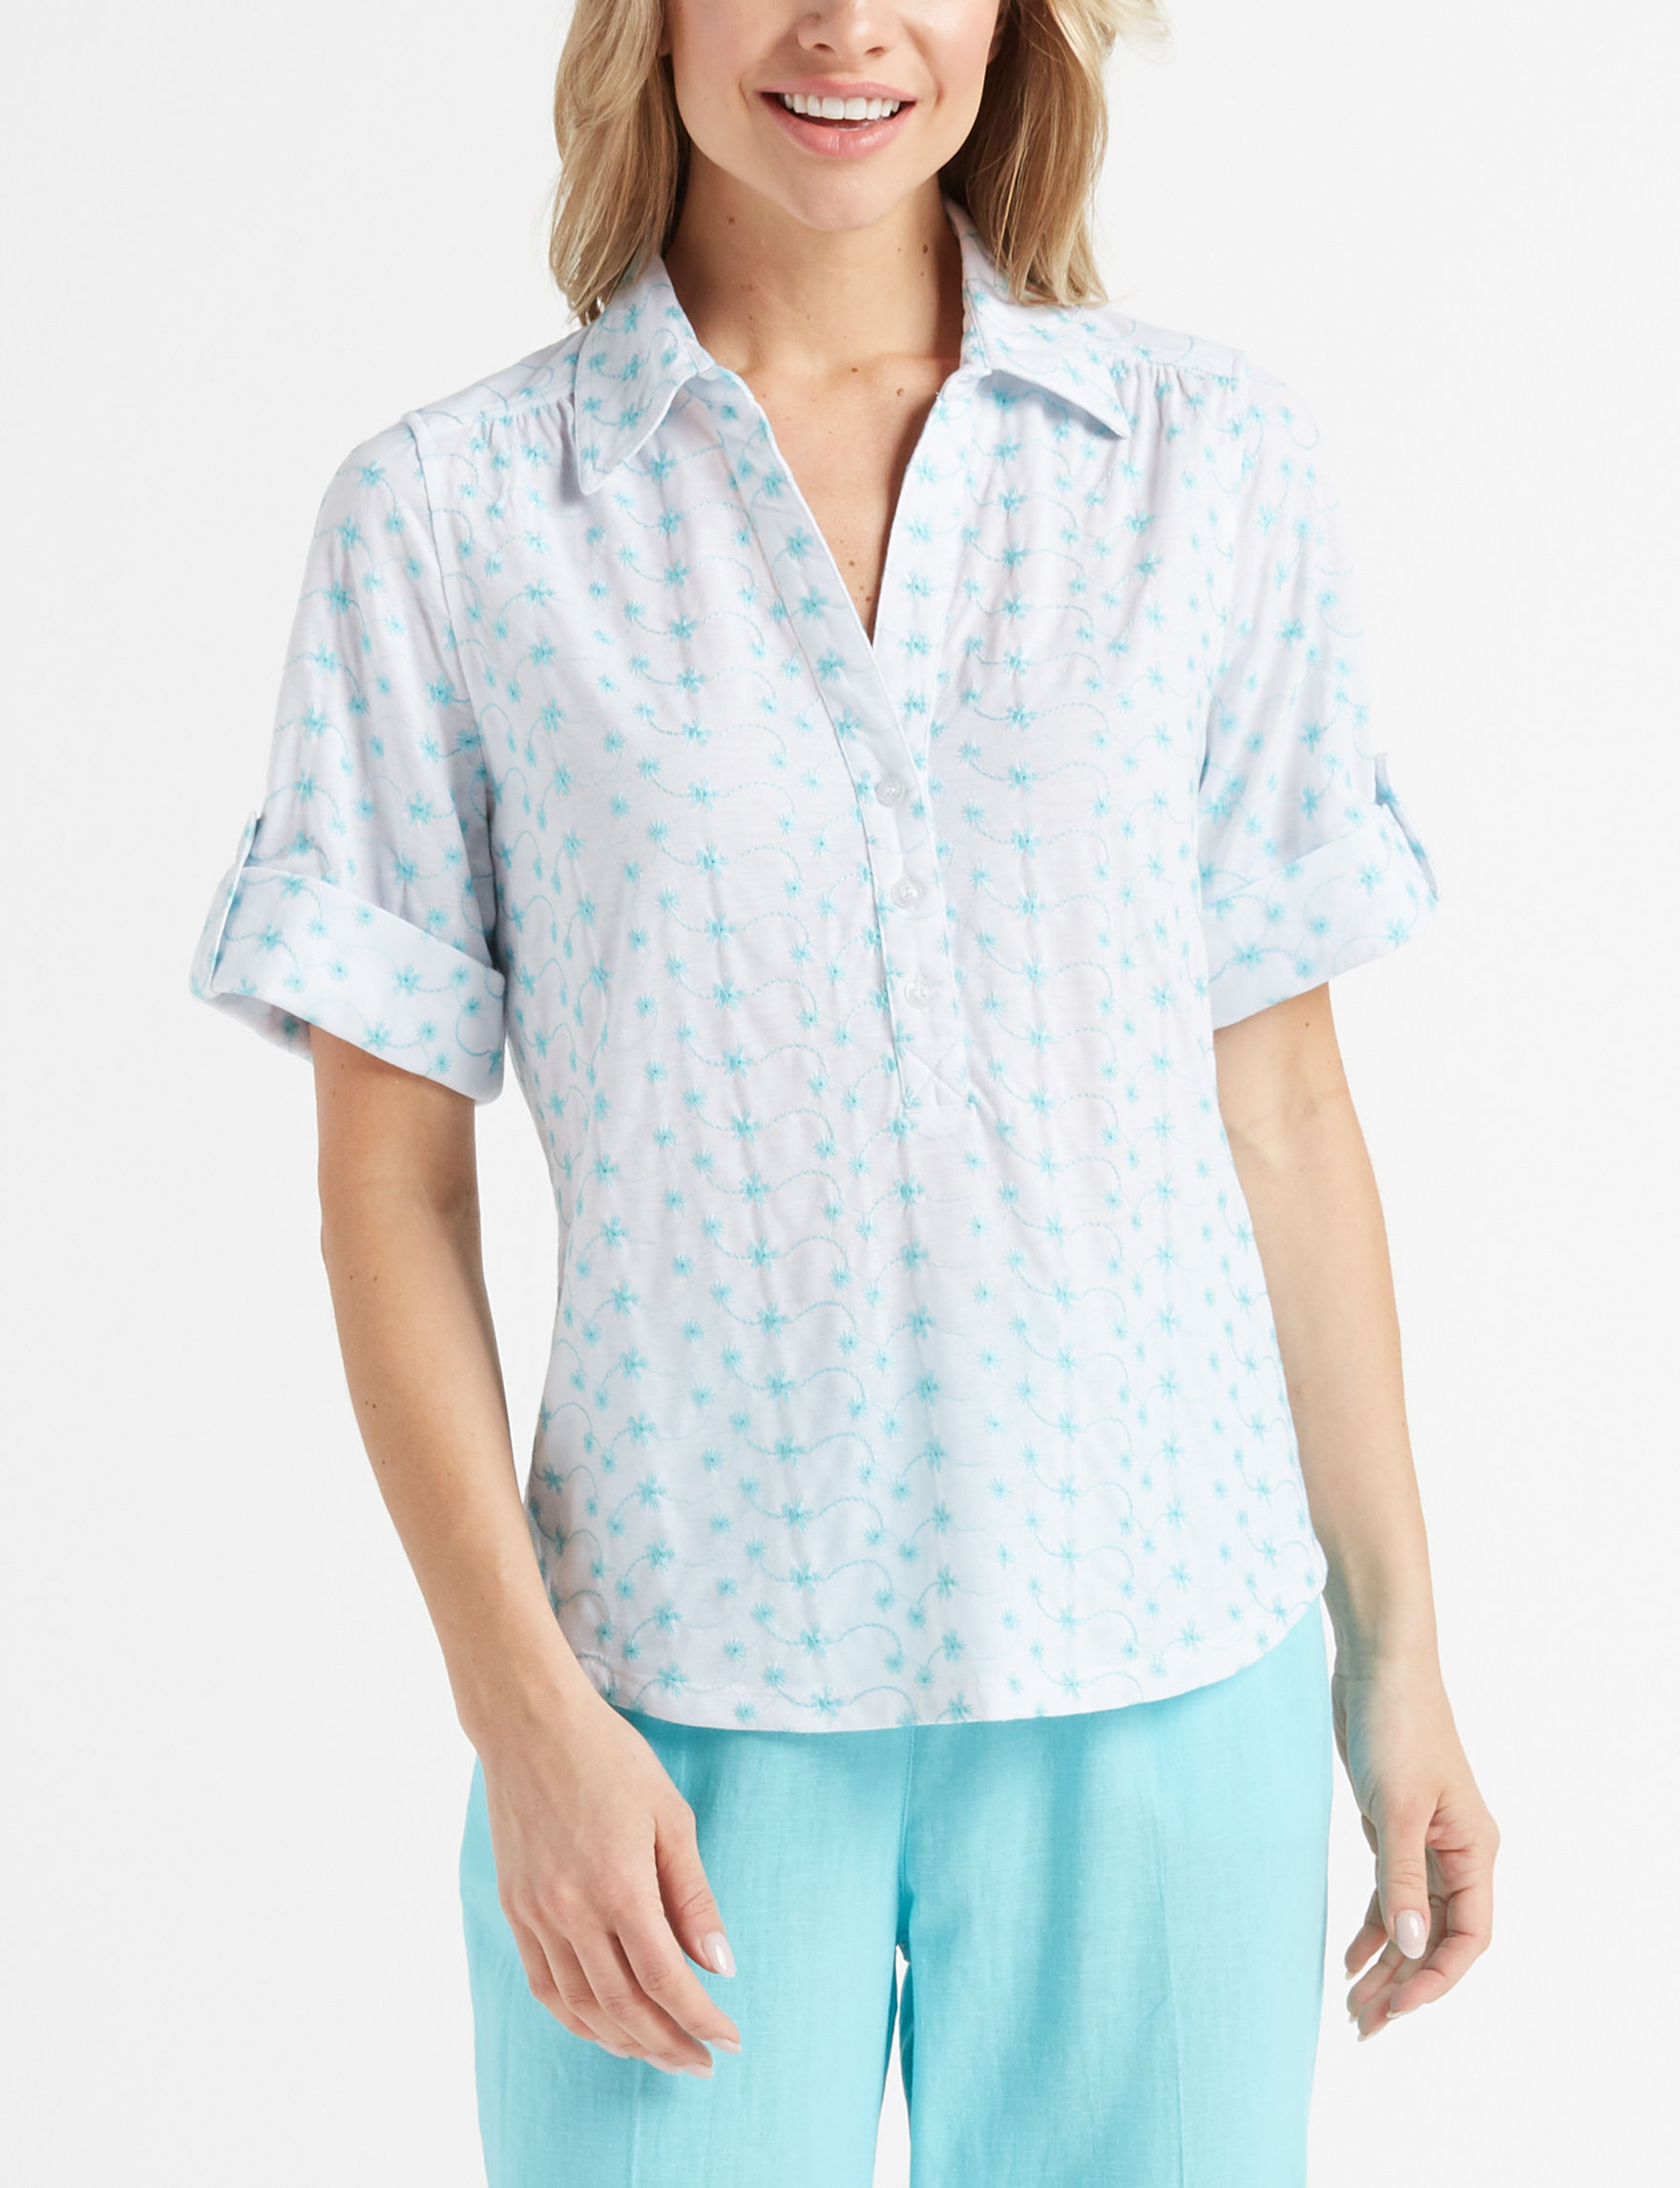 Cathy Daniels White / Aqua Shirts & Blouses